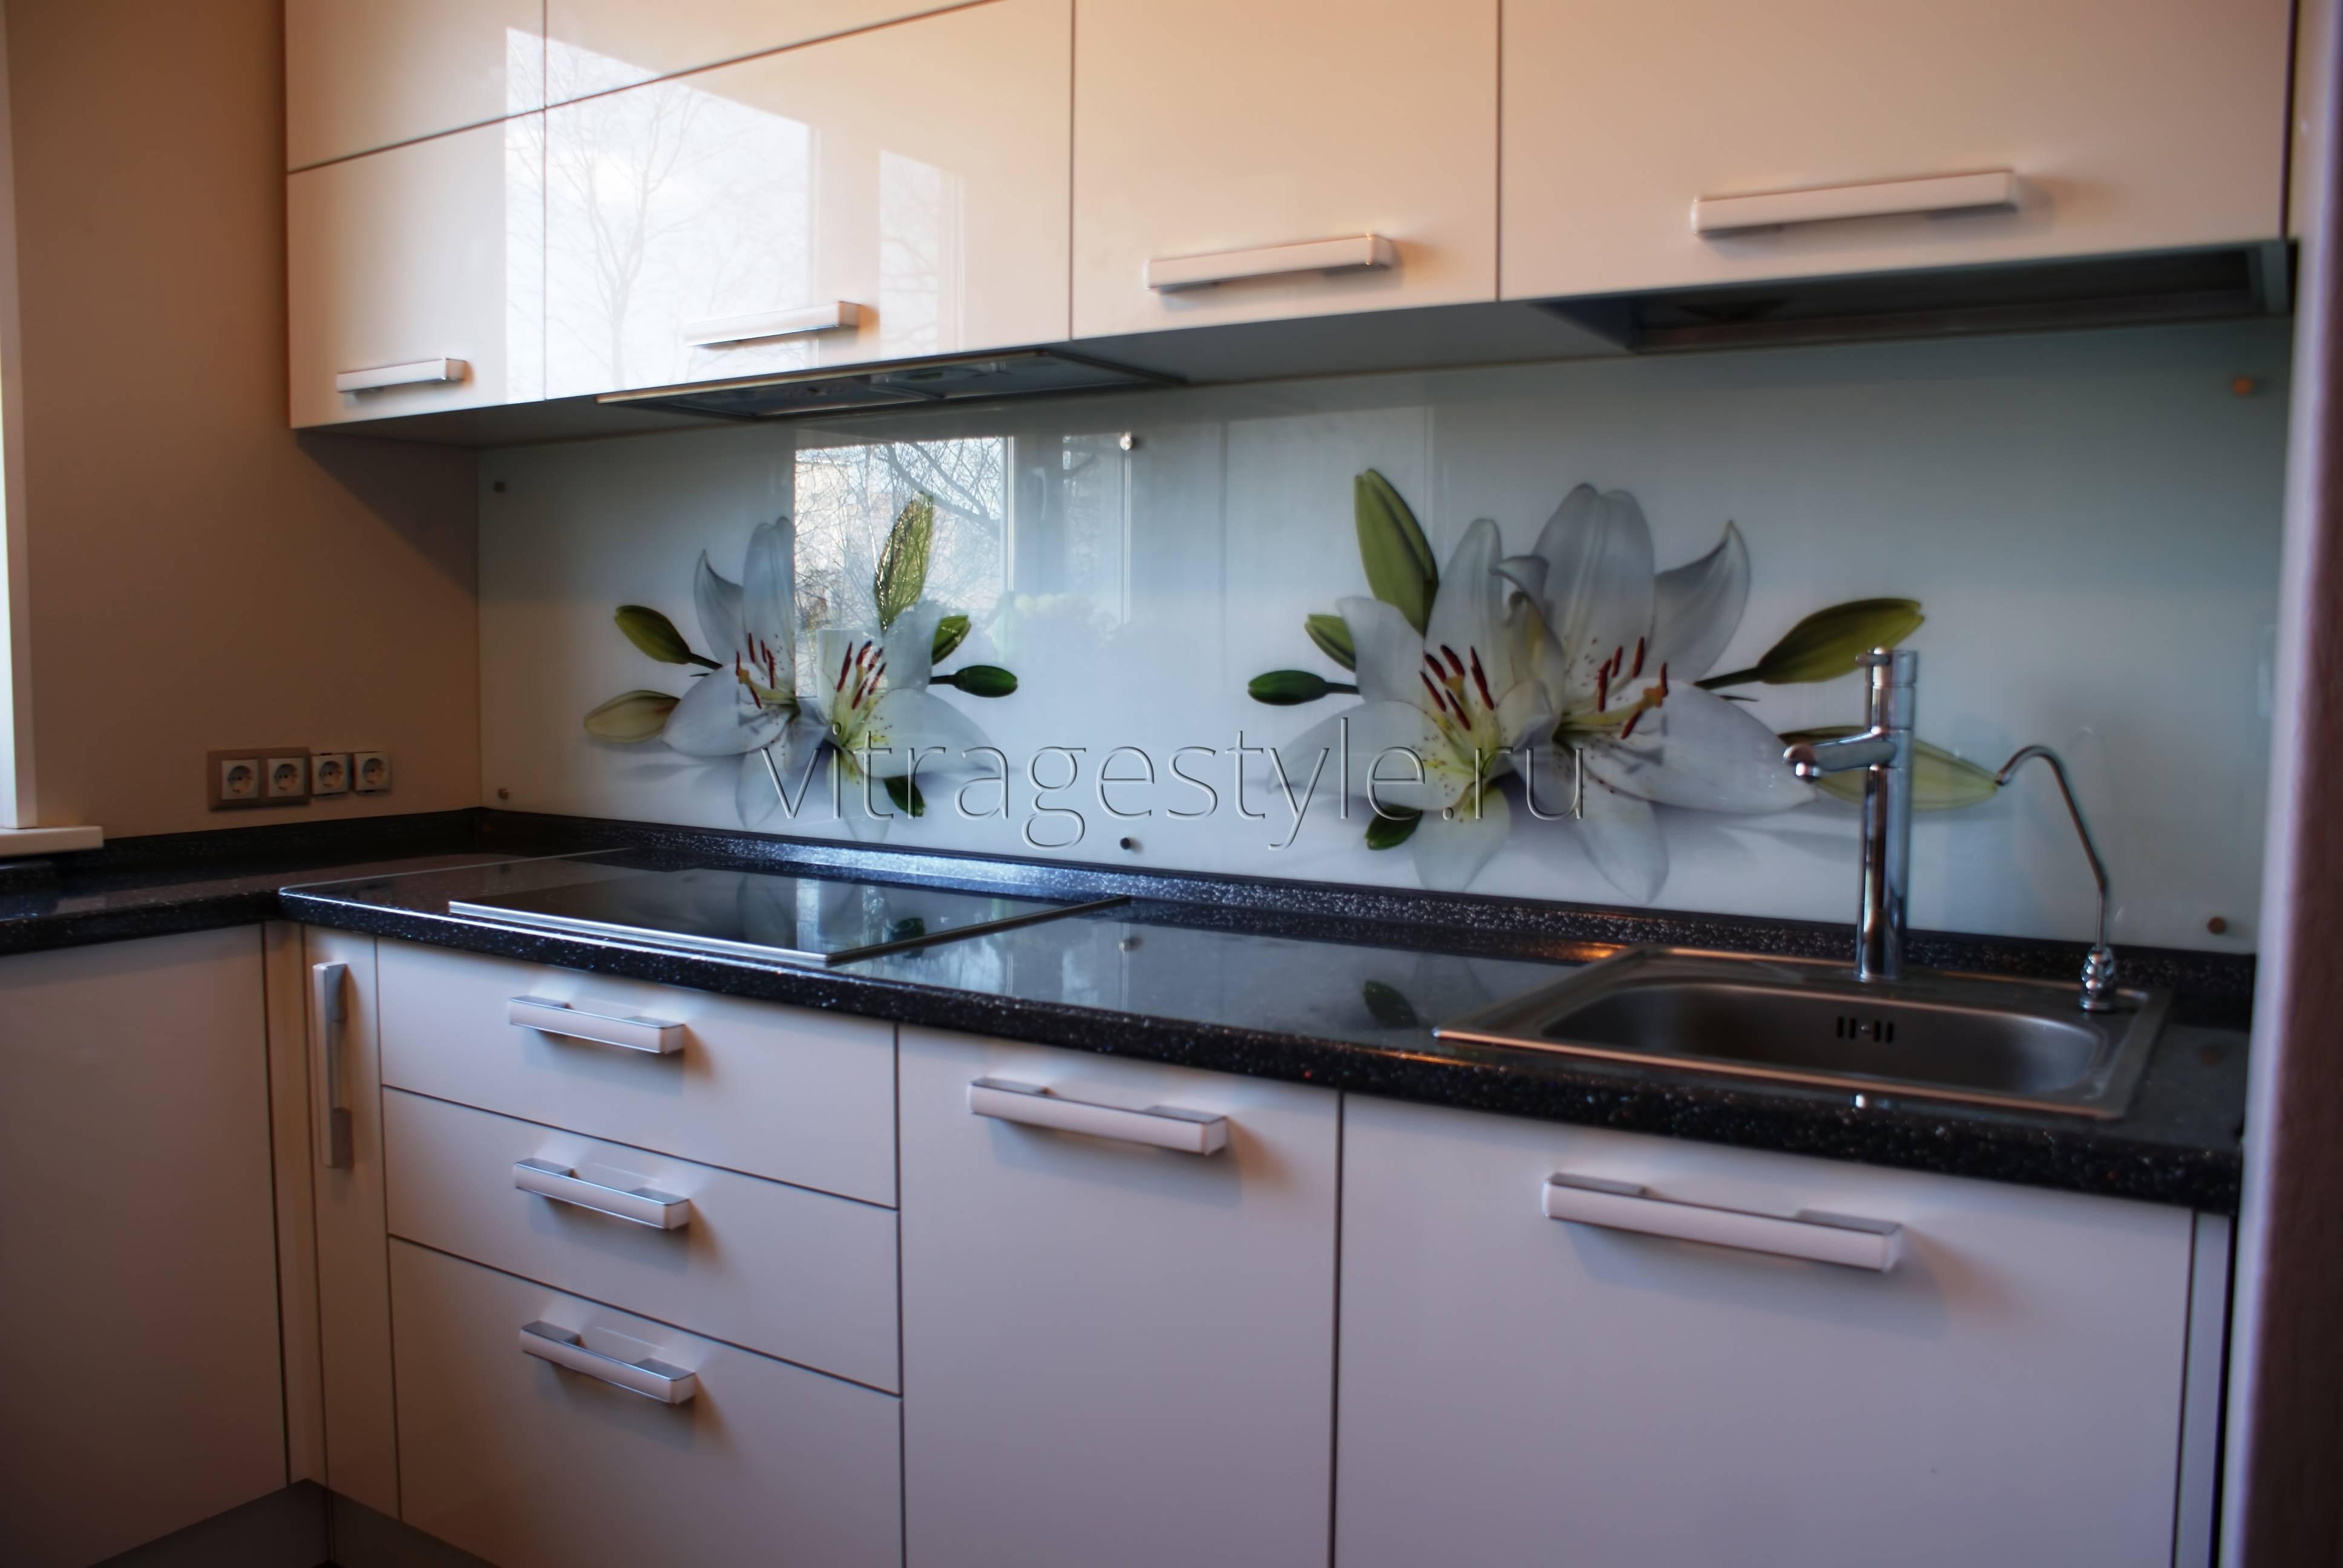 Панели мдф для кухни: правильная отделка стен, фото скинали из мдф